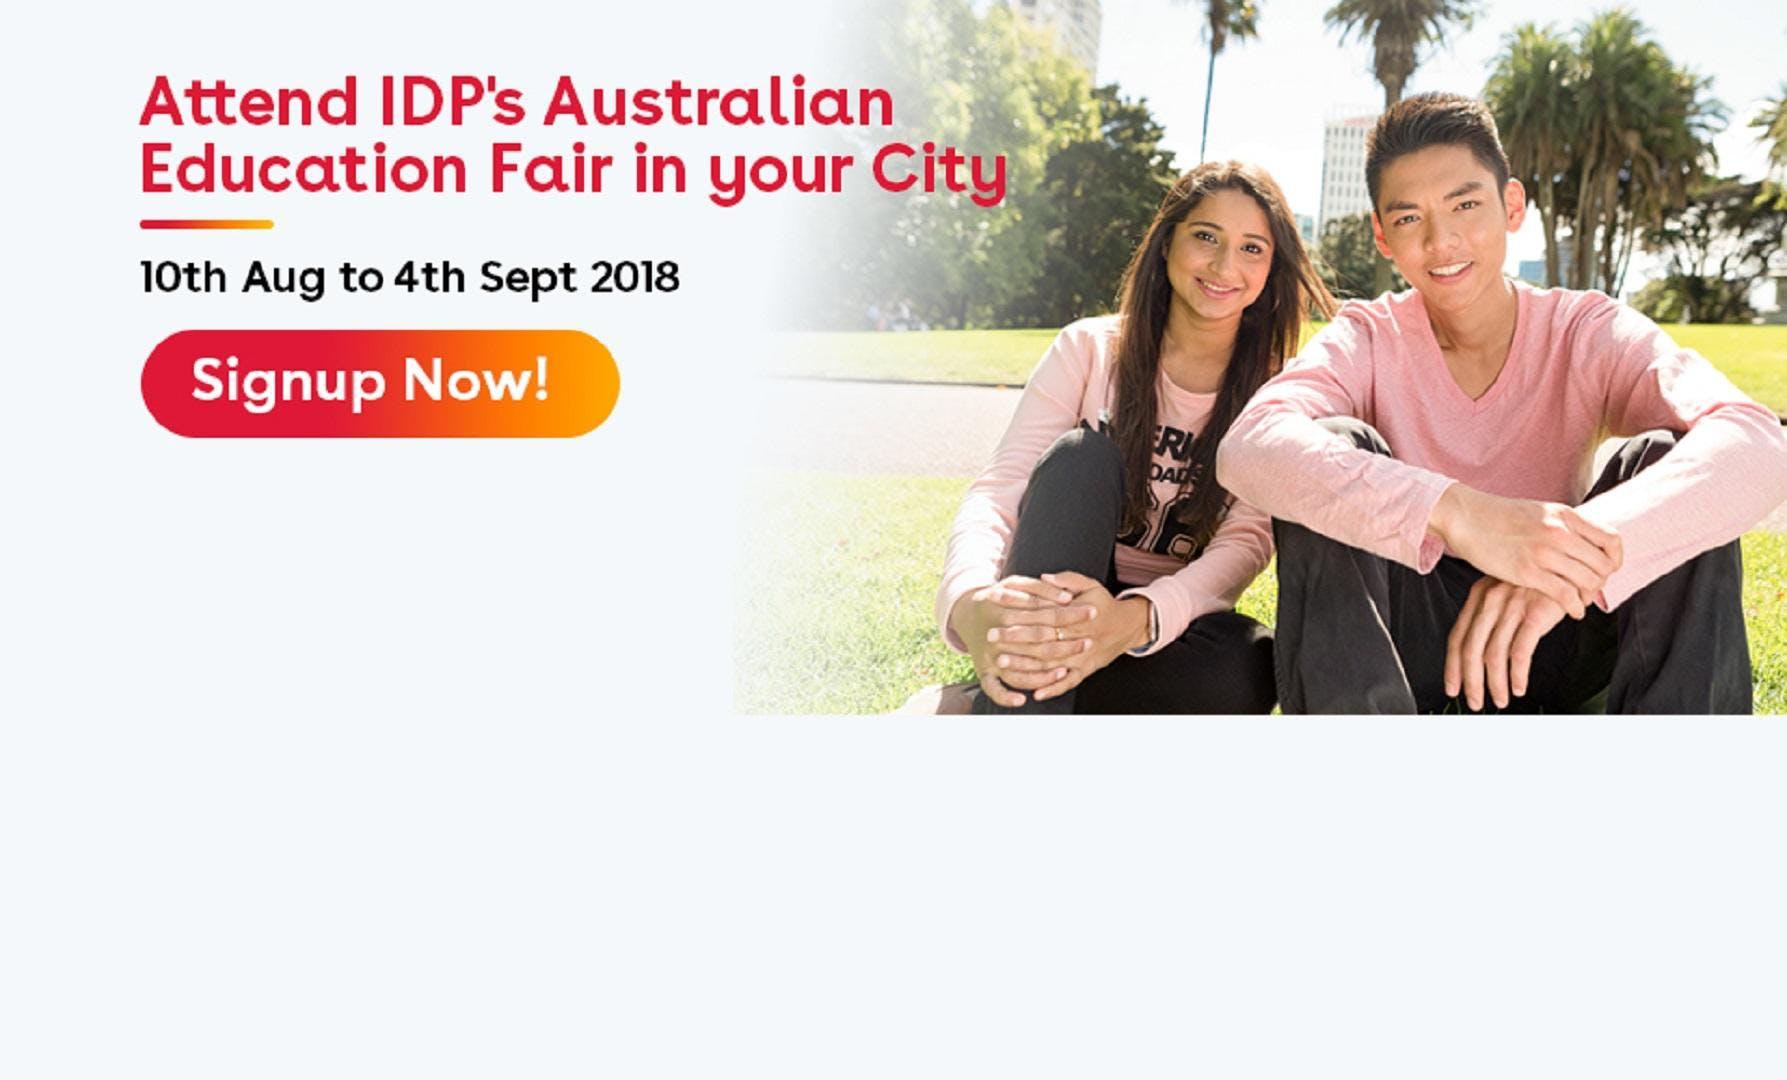 Attend IDPs Australian Education Fair in Delhi (18th Aug11am to 5pm)